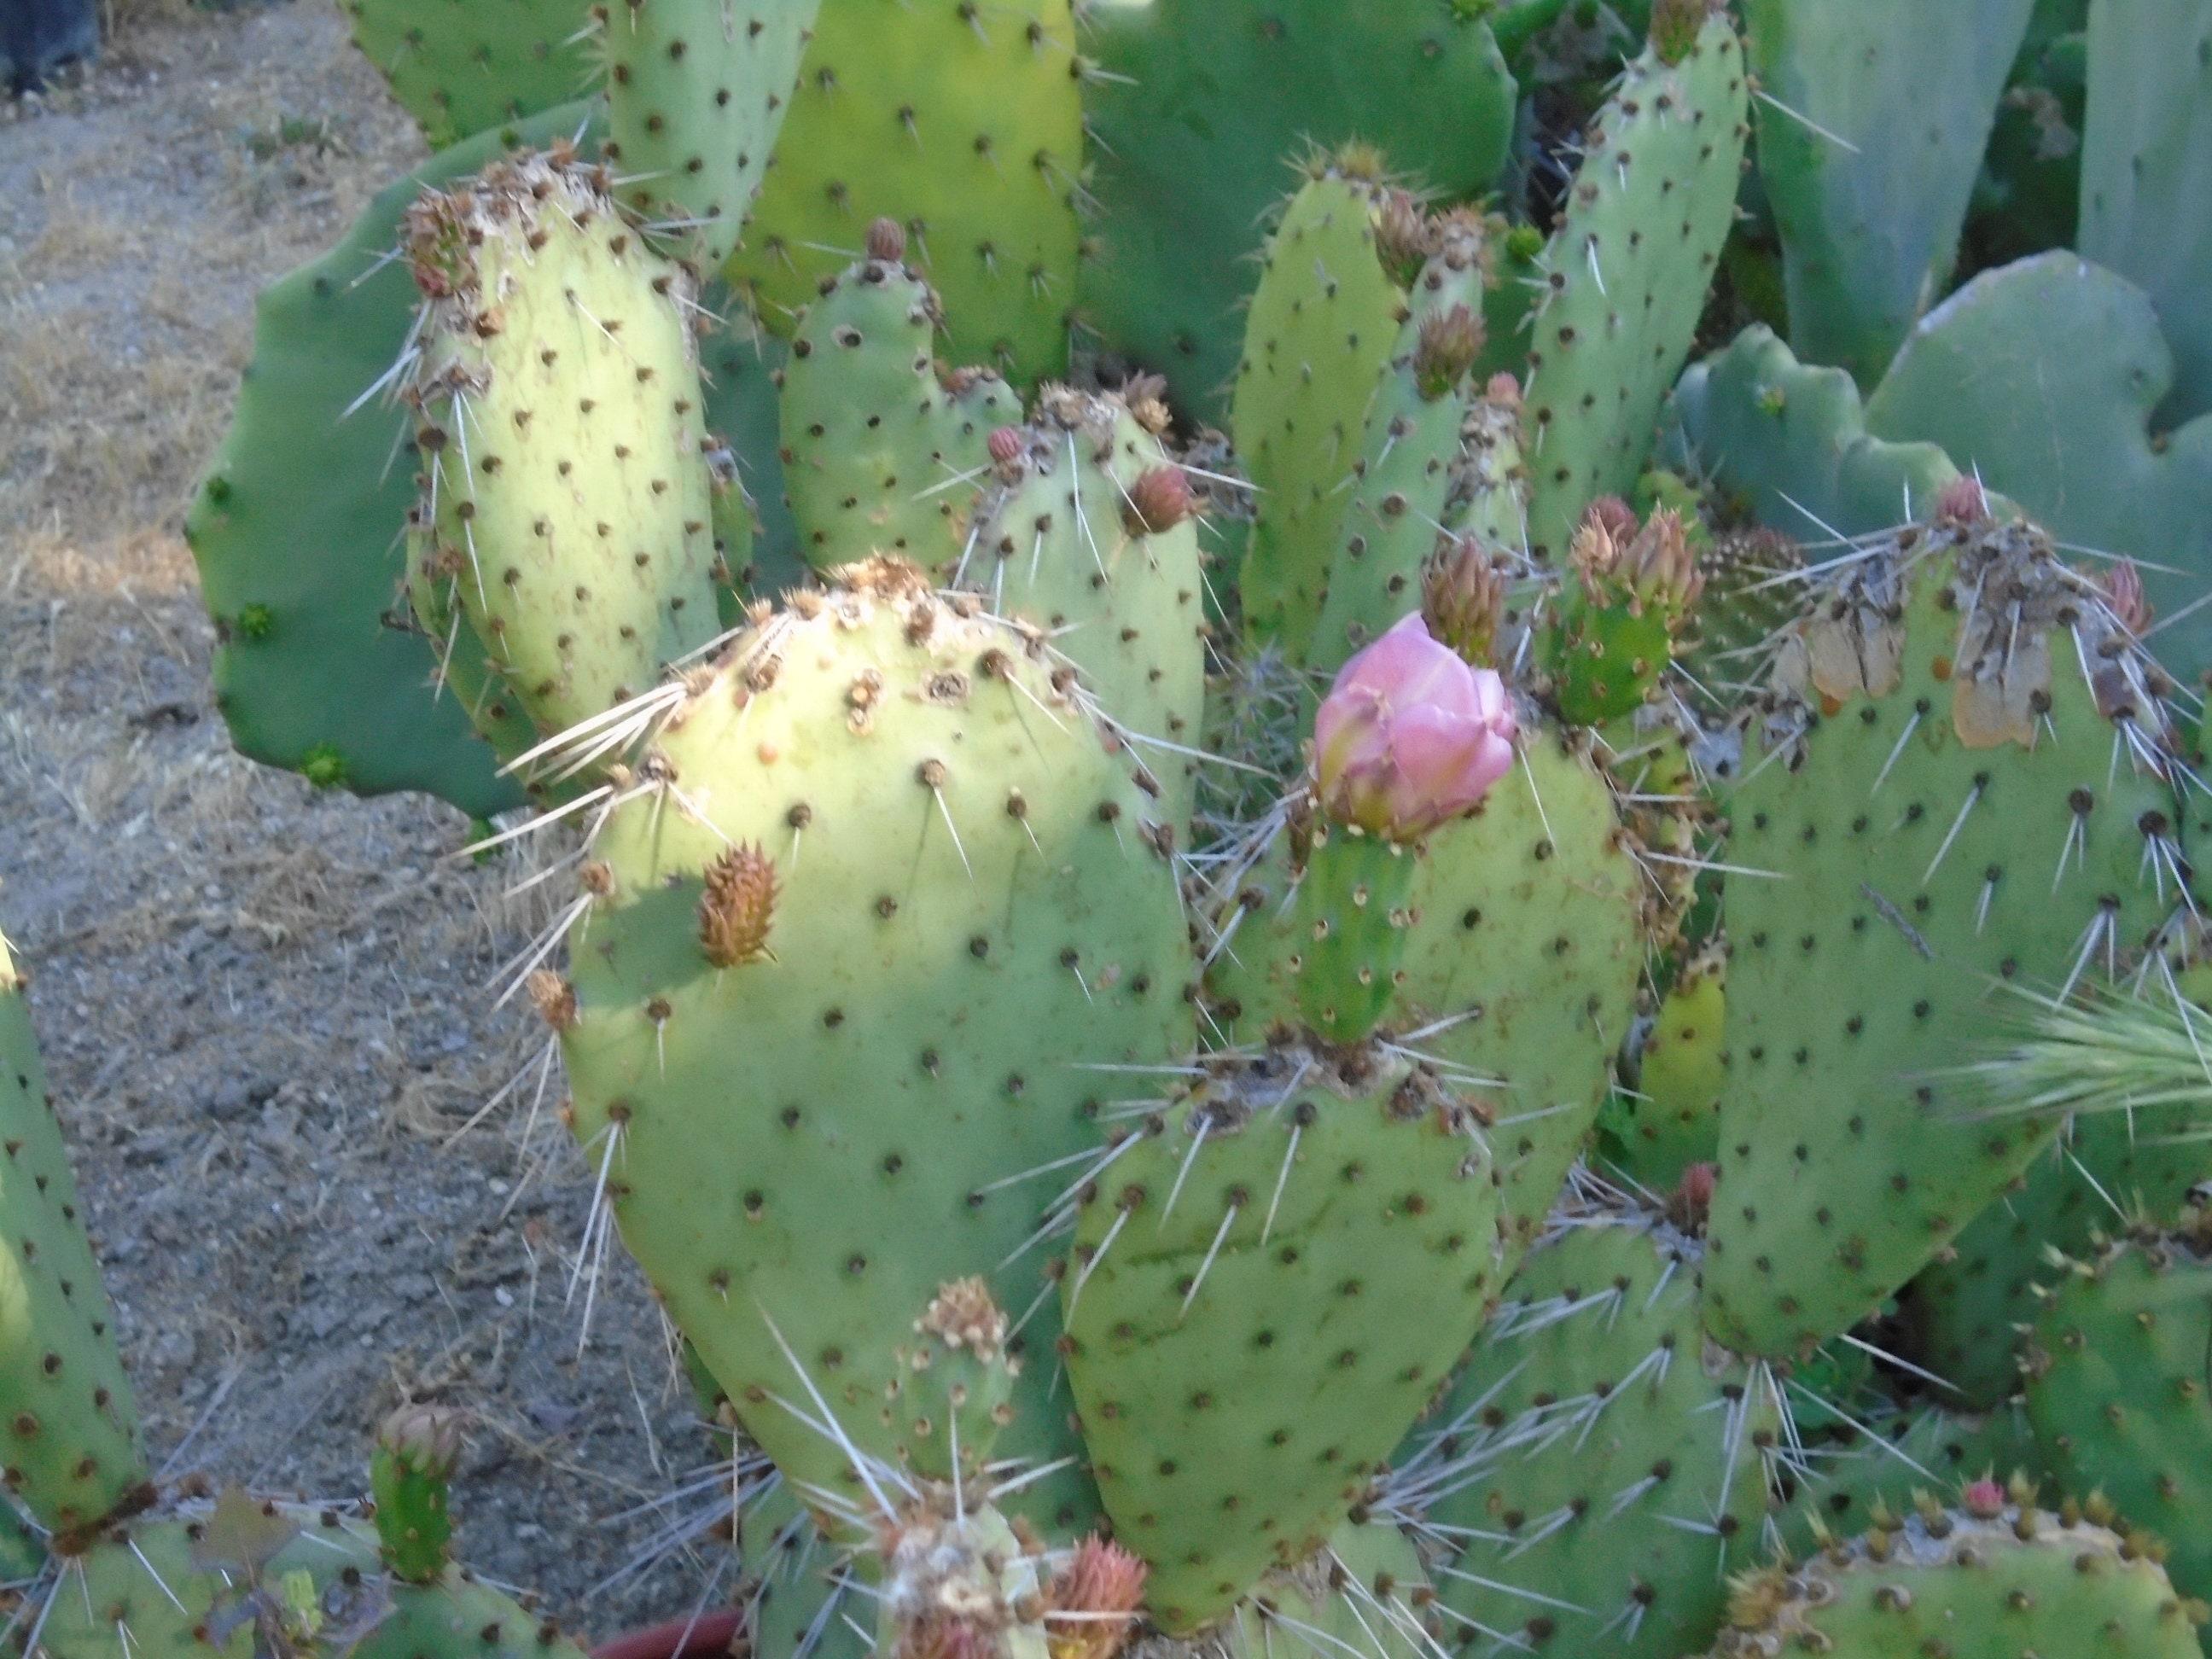 opuntia desert skies prickly pear